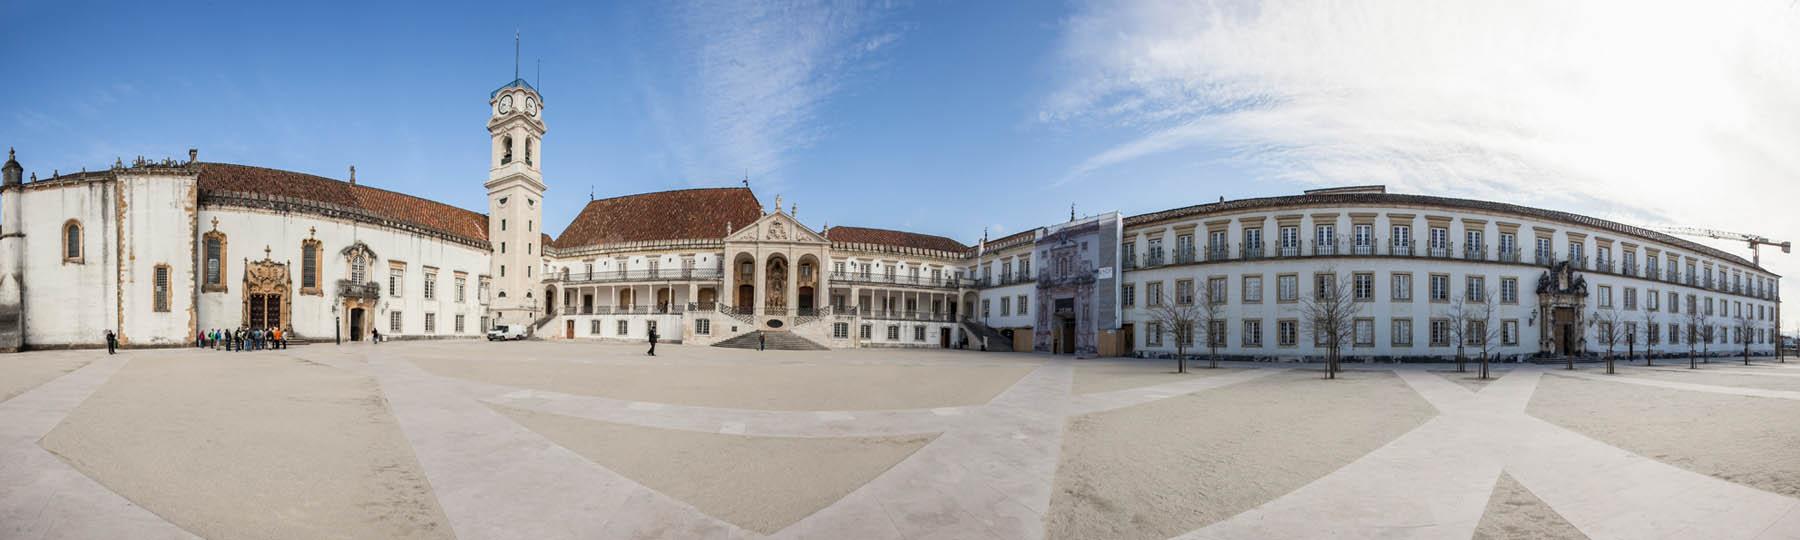 Universidade de Coimbra2